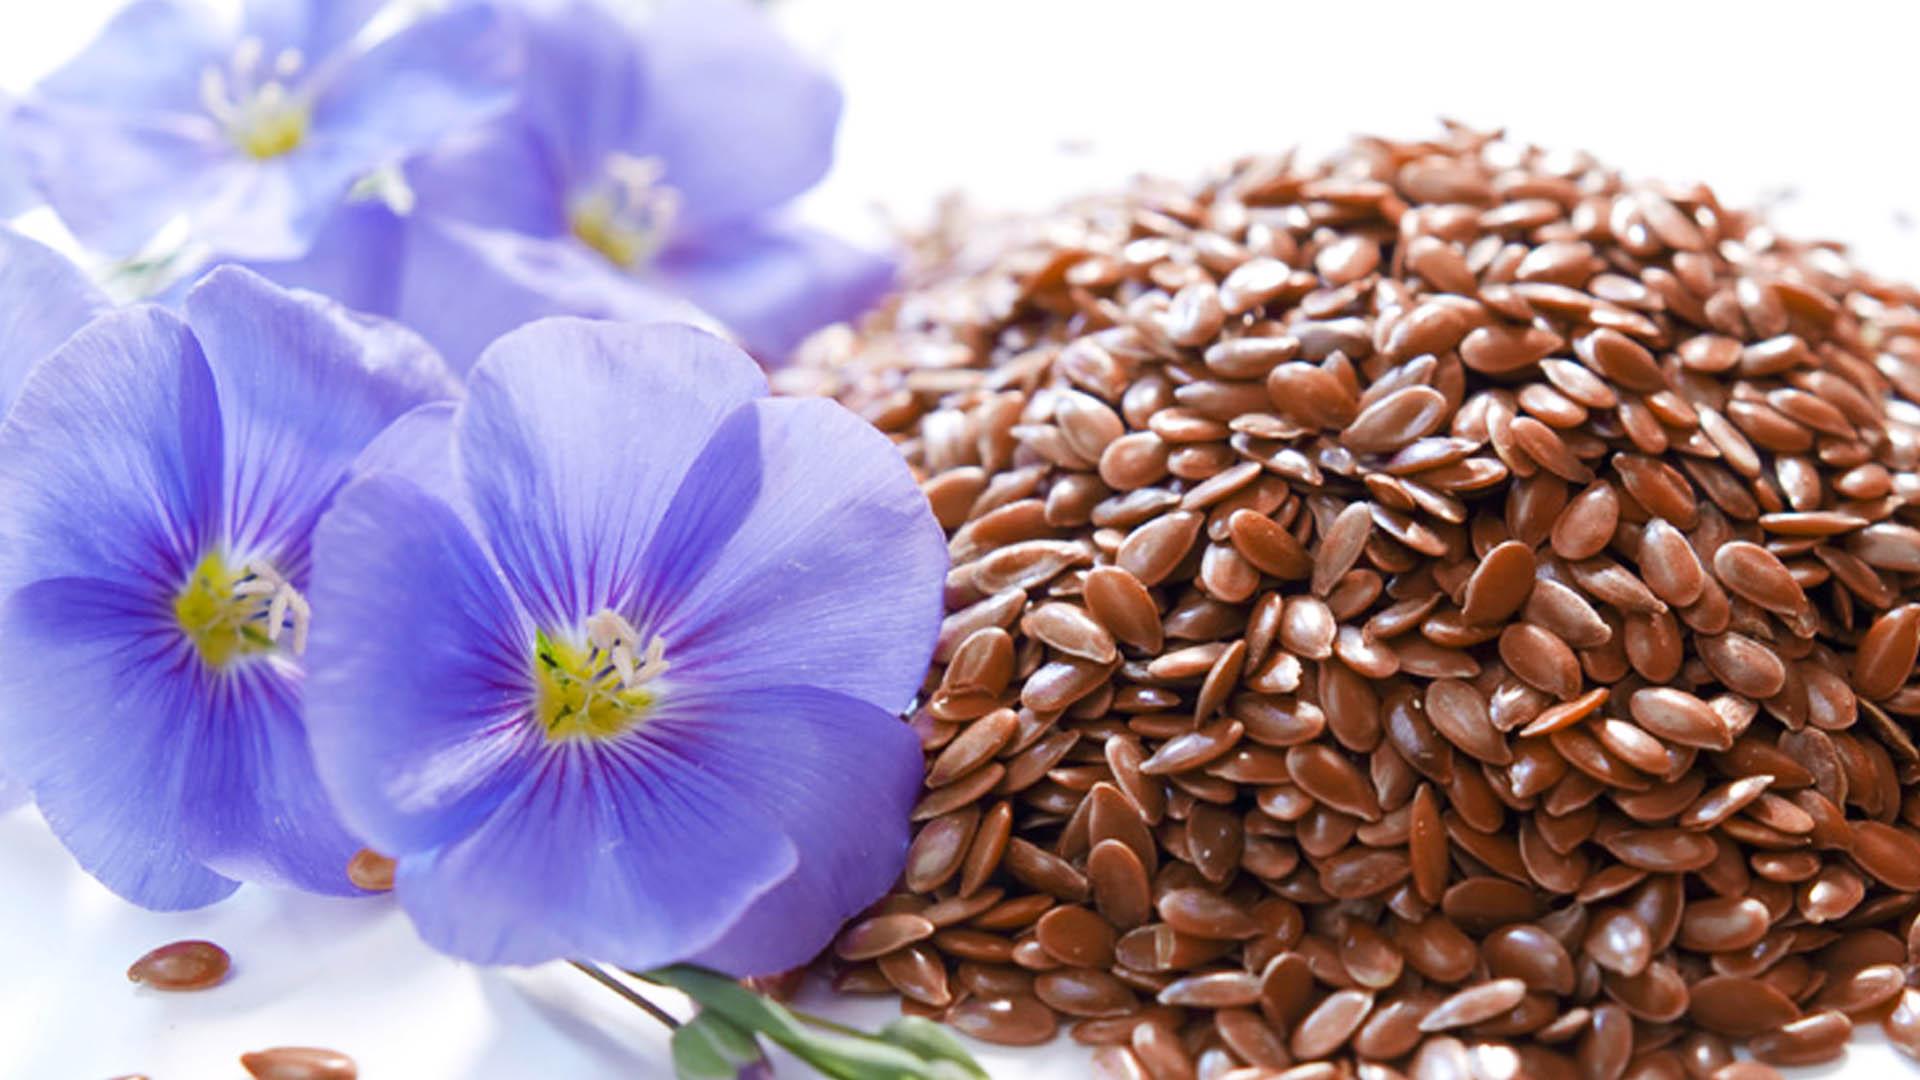 Семена льна помогут очистить кишечник и похудеть   советы.